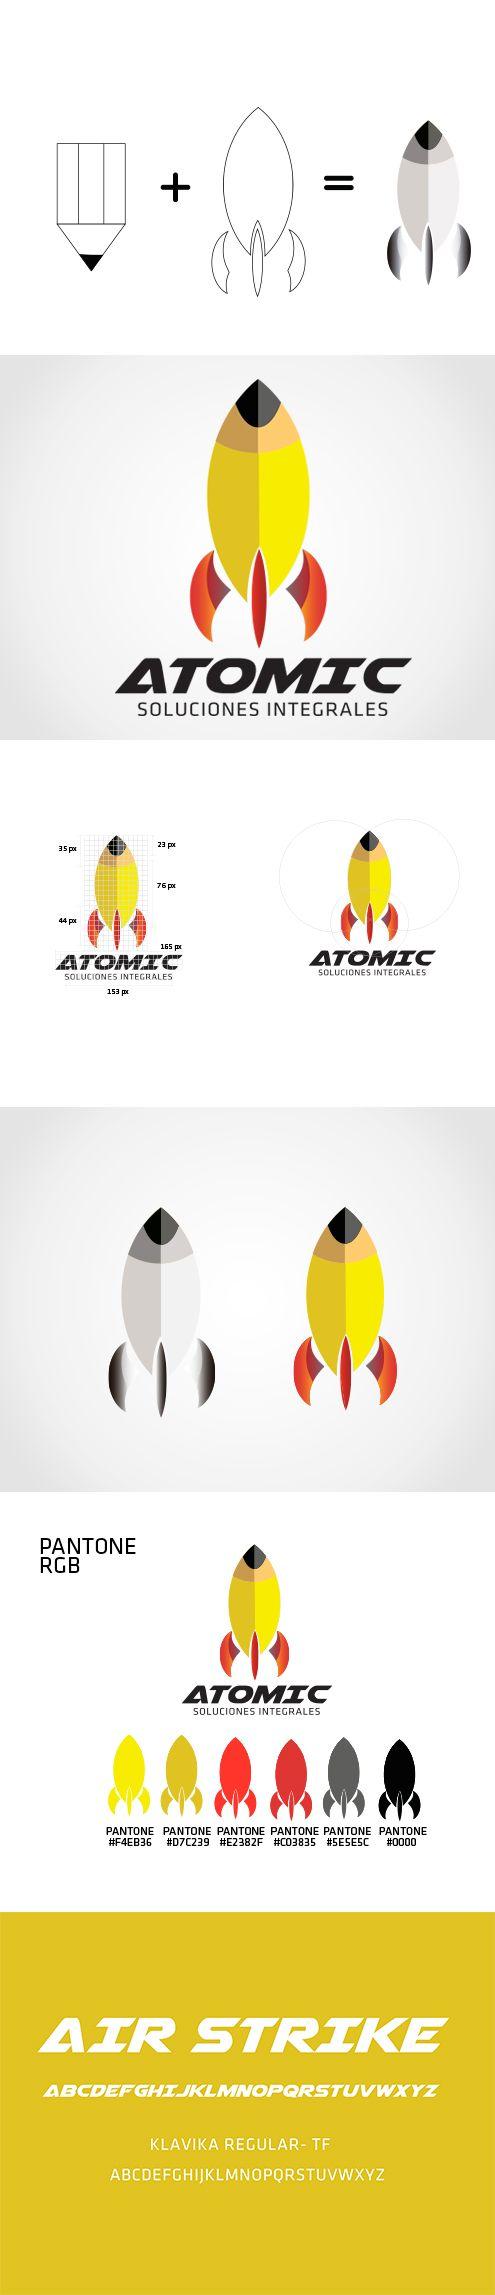 Este logotipo será utilizado para una empresa de servicios integrales, las cuales encierra las disciplinas como: Diseño Gráfico, Multimedia y la Fotografía